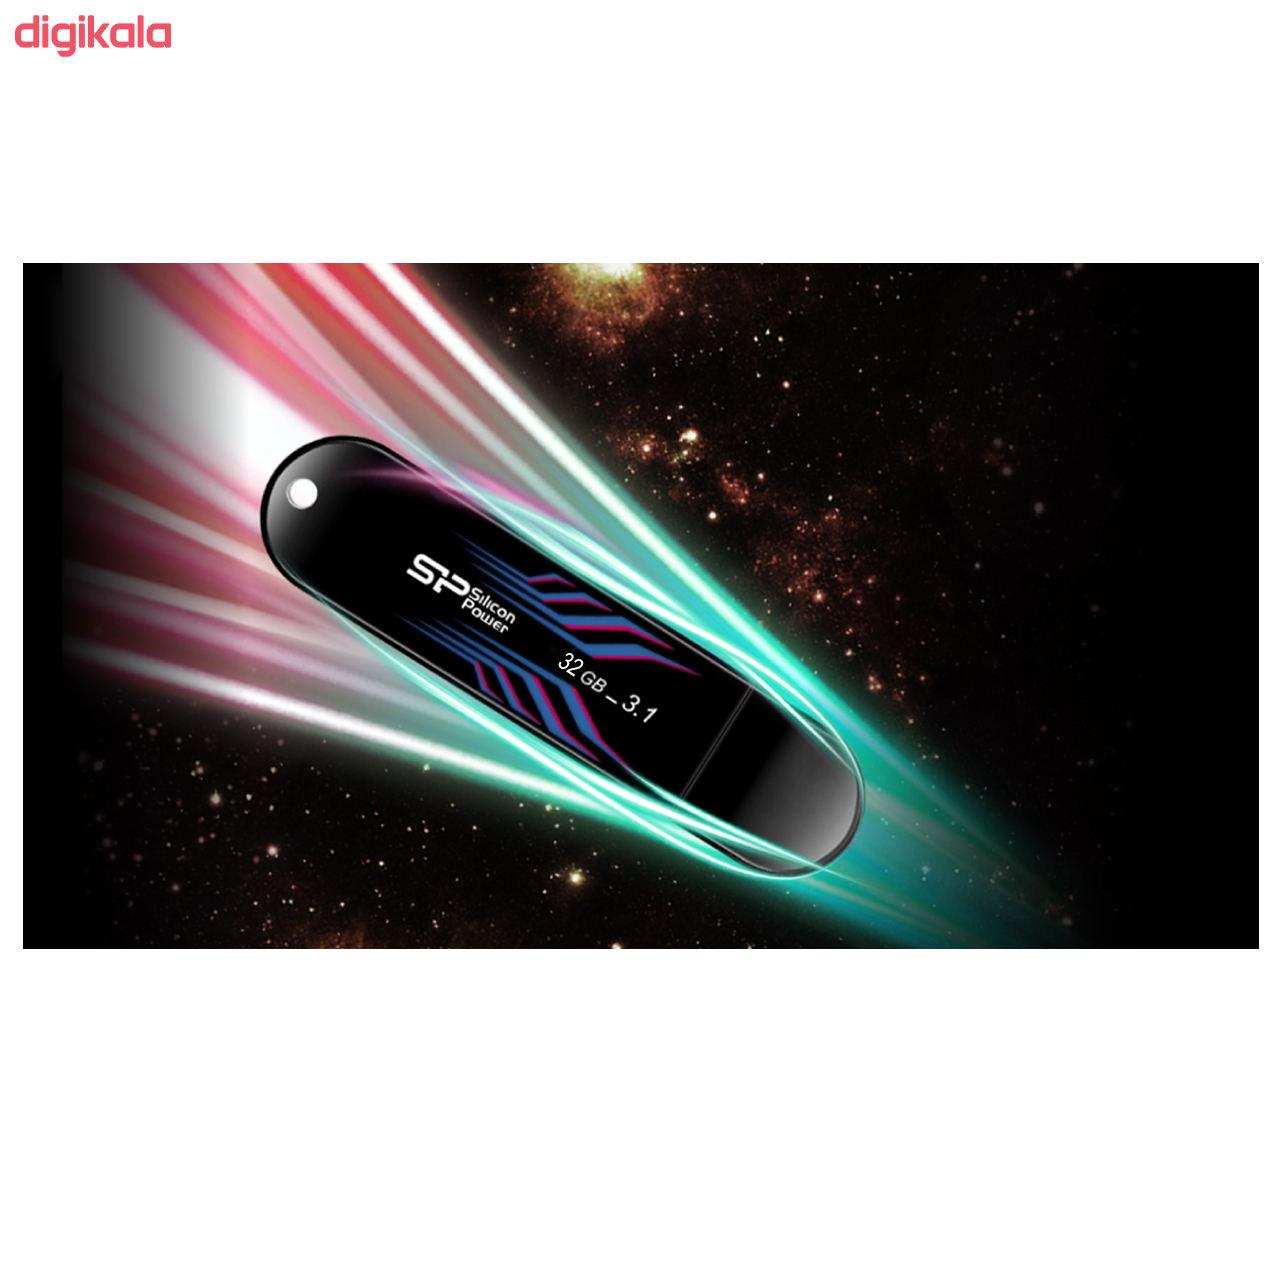 فلش مموری سیلیکون پاور مدل Blaze B10 ظرفیت 32 گیگابایت main 1 3